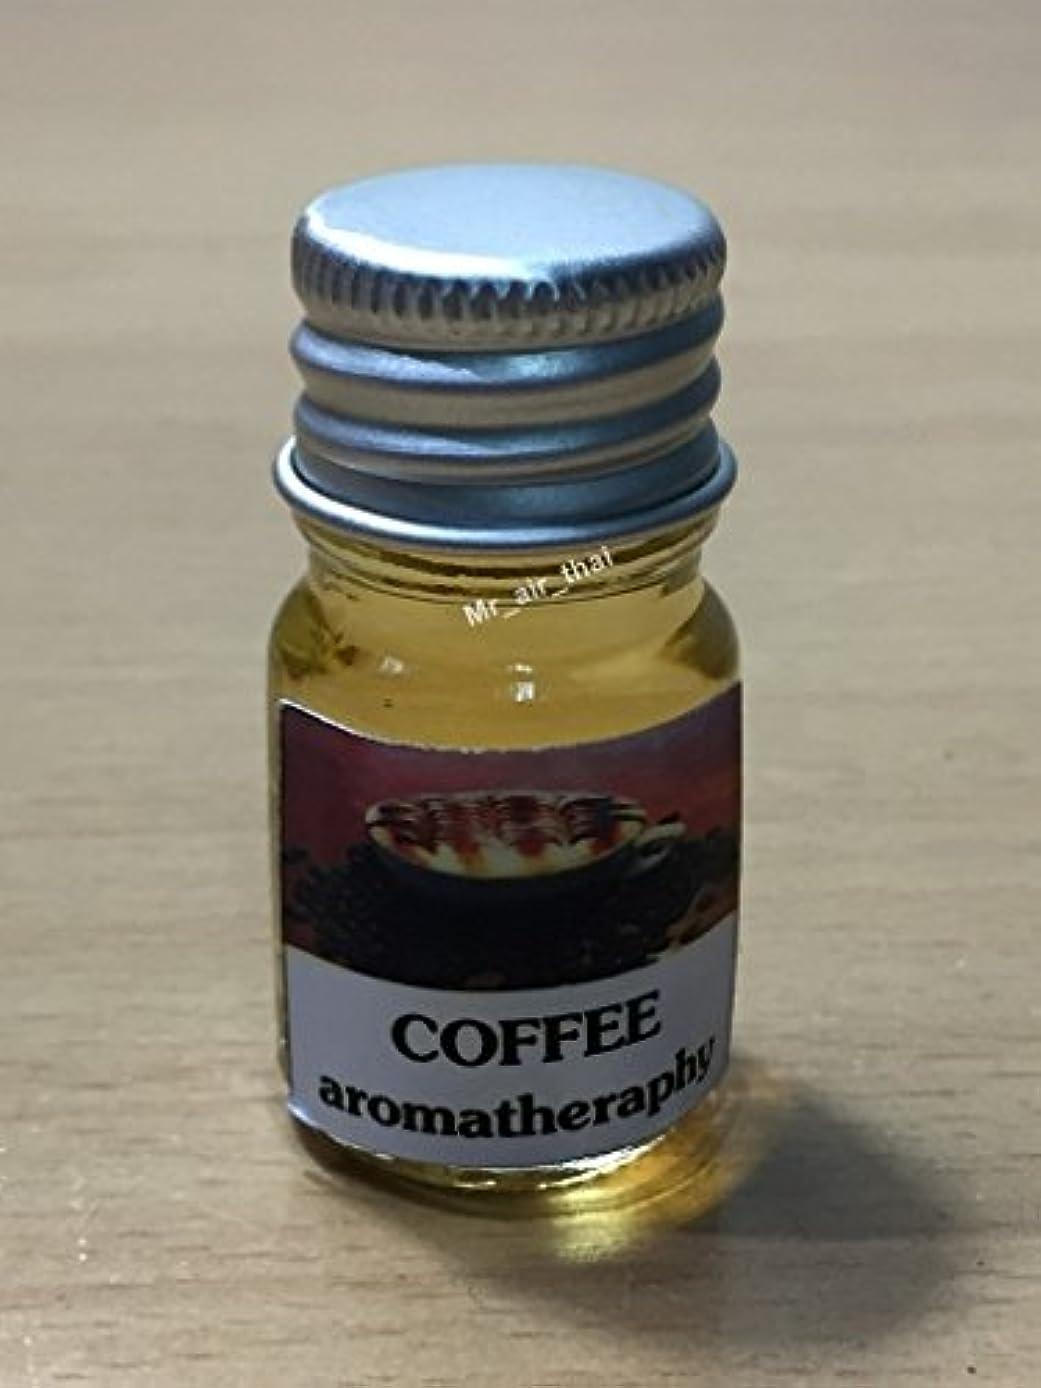 不純クラフト故意に5ミリリットルアロマコーヒーフランクインセンスエッセンシャルオイルボトルアロマテラピーオイル自然自然5ml Aroma Coffee Frankincense Essential Oil Bottles Aromatherapy...